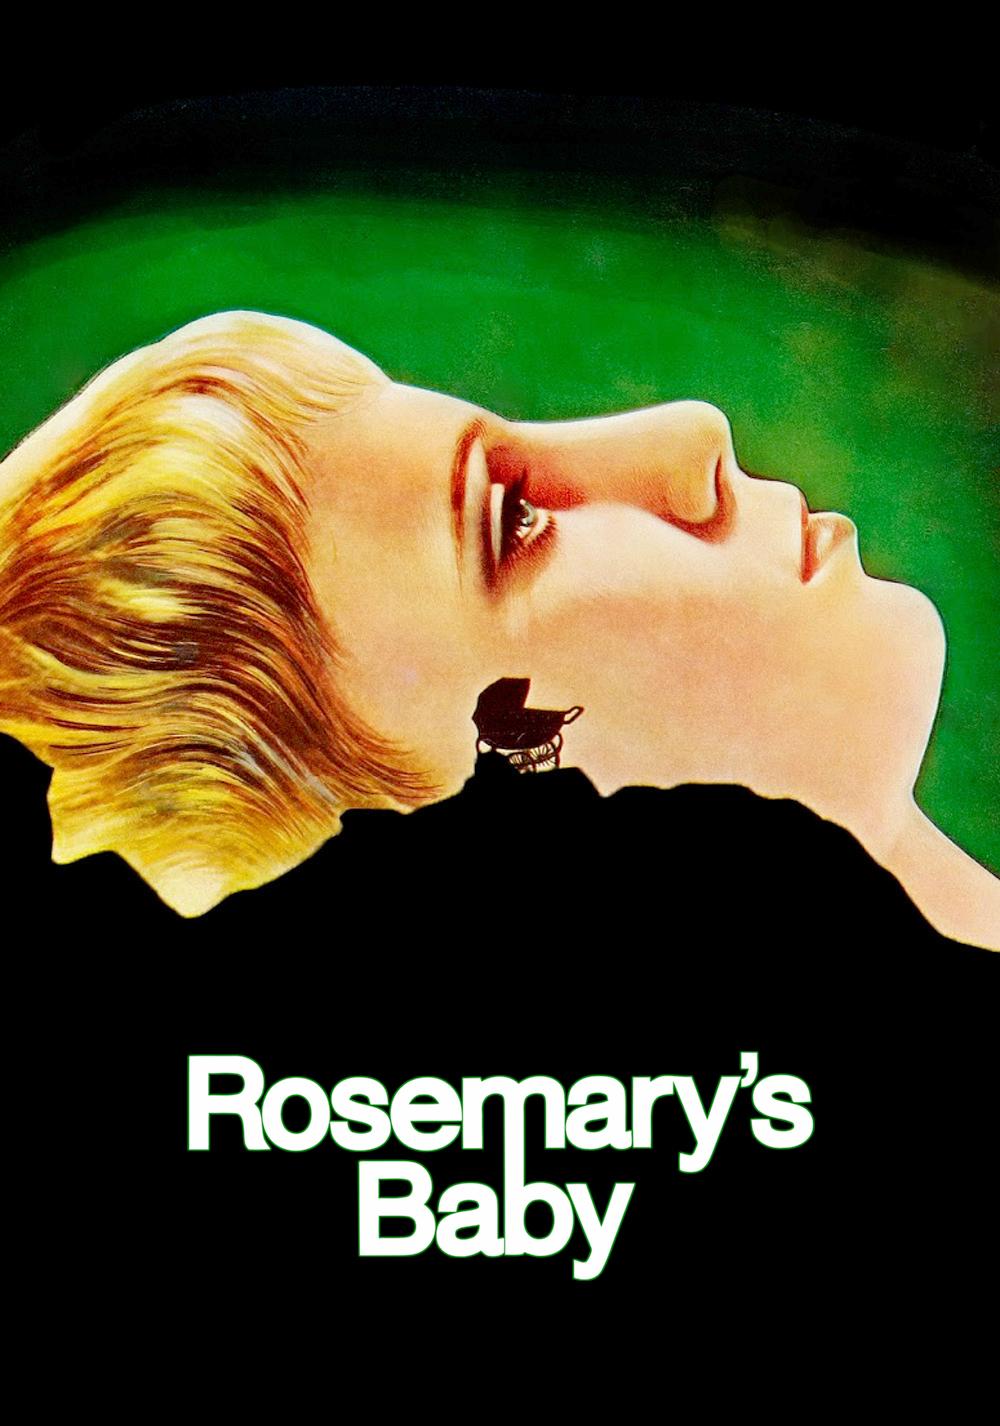 Rosemary's Baby Fan Art